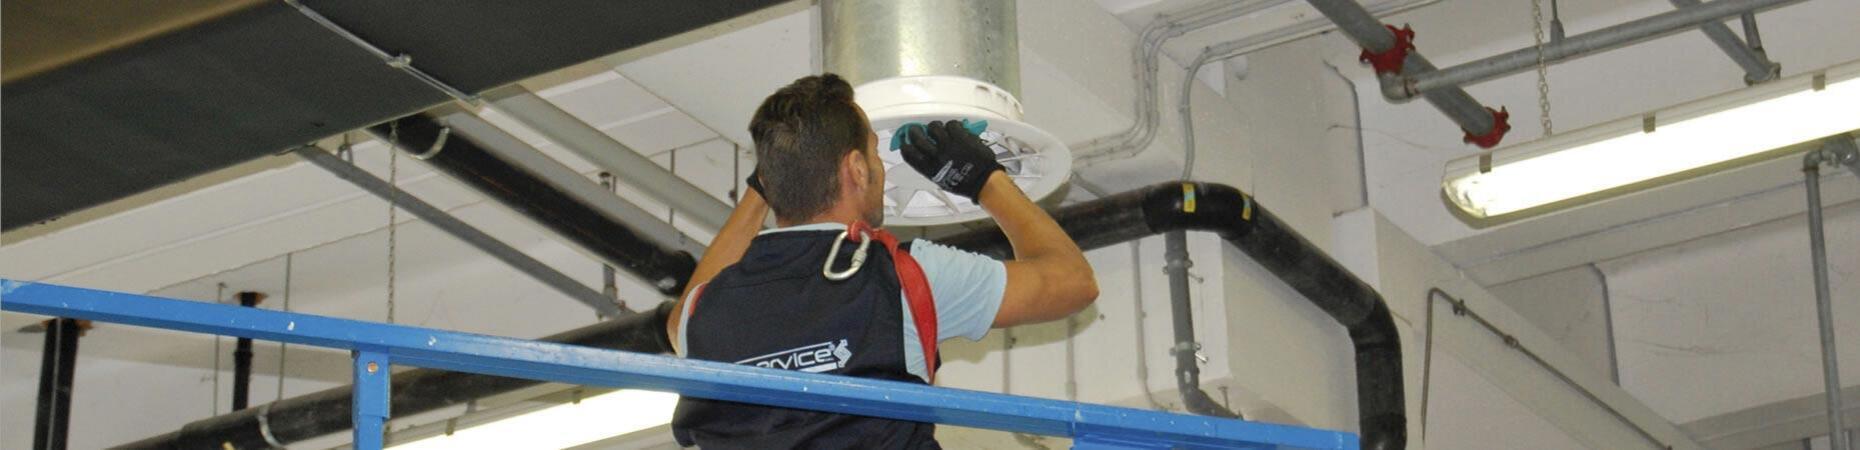 ecoservice-forli it pulizia-e-sanificazione-condotti-aria-forli 005